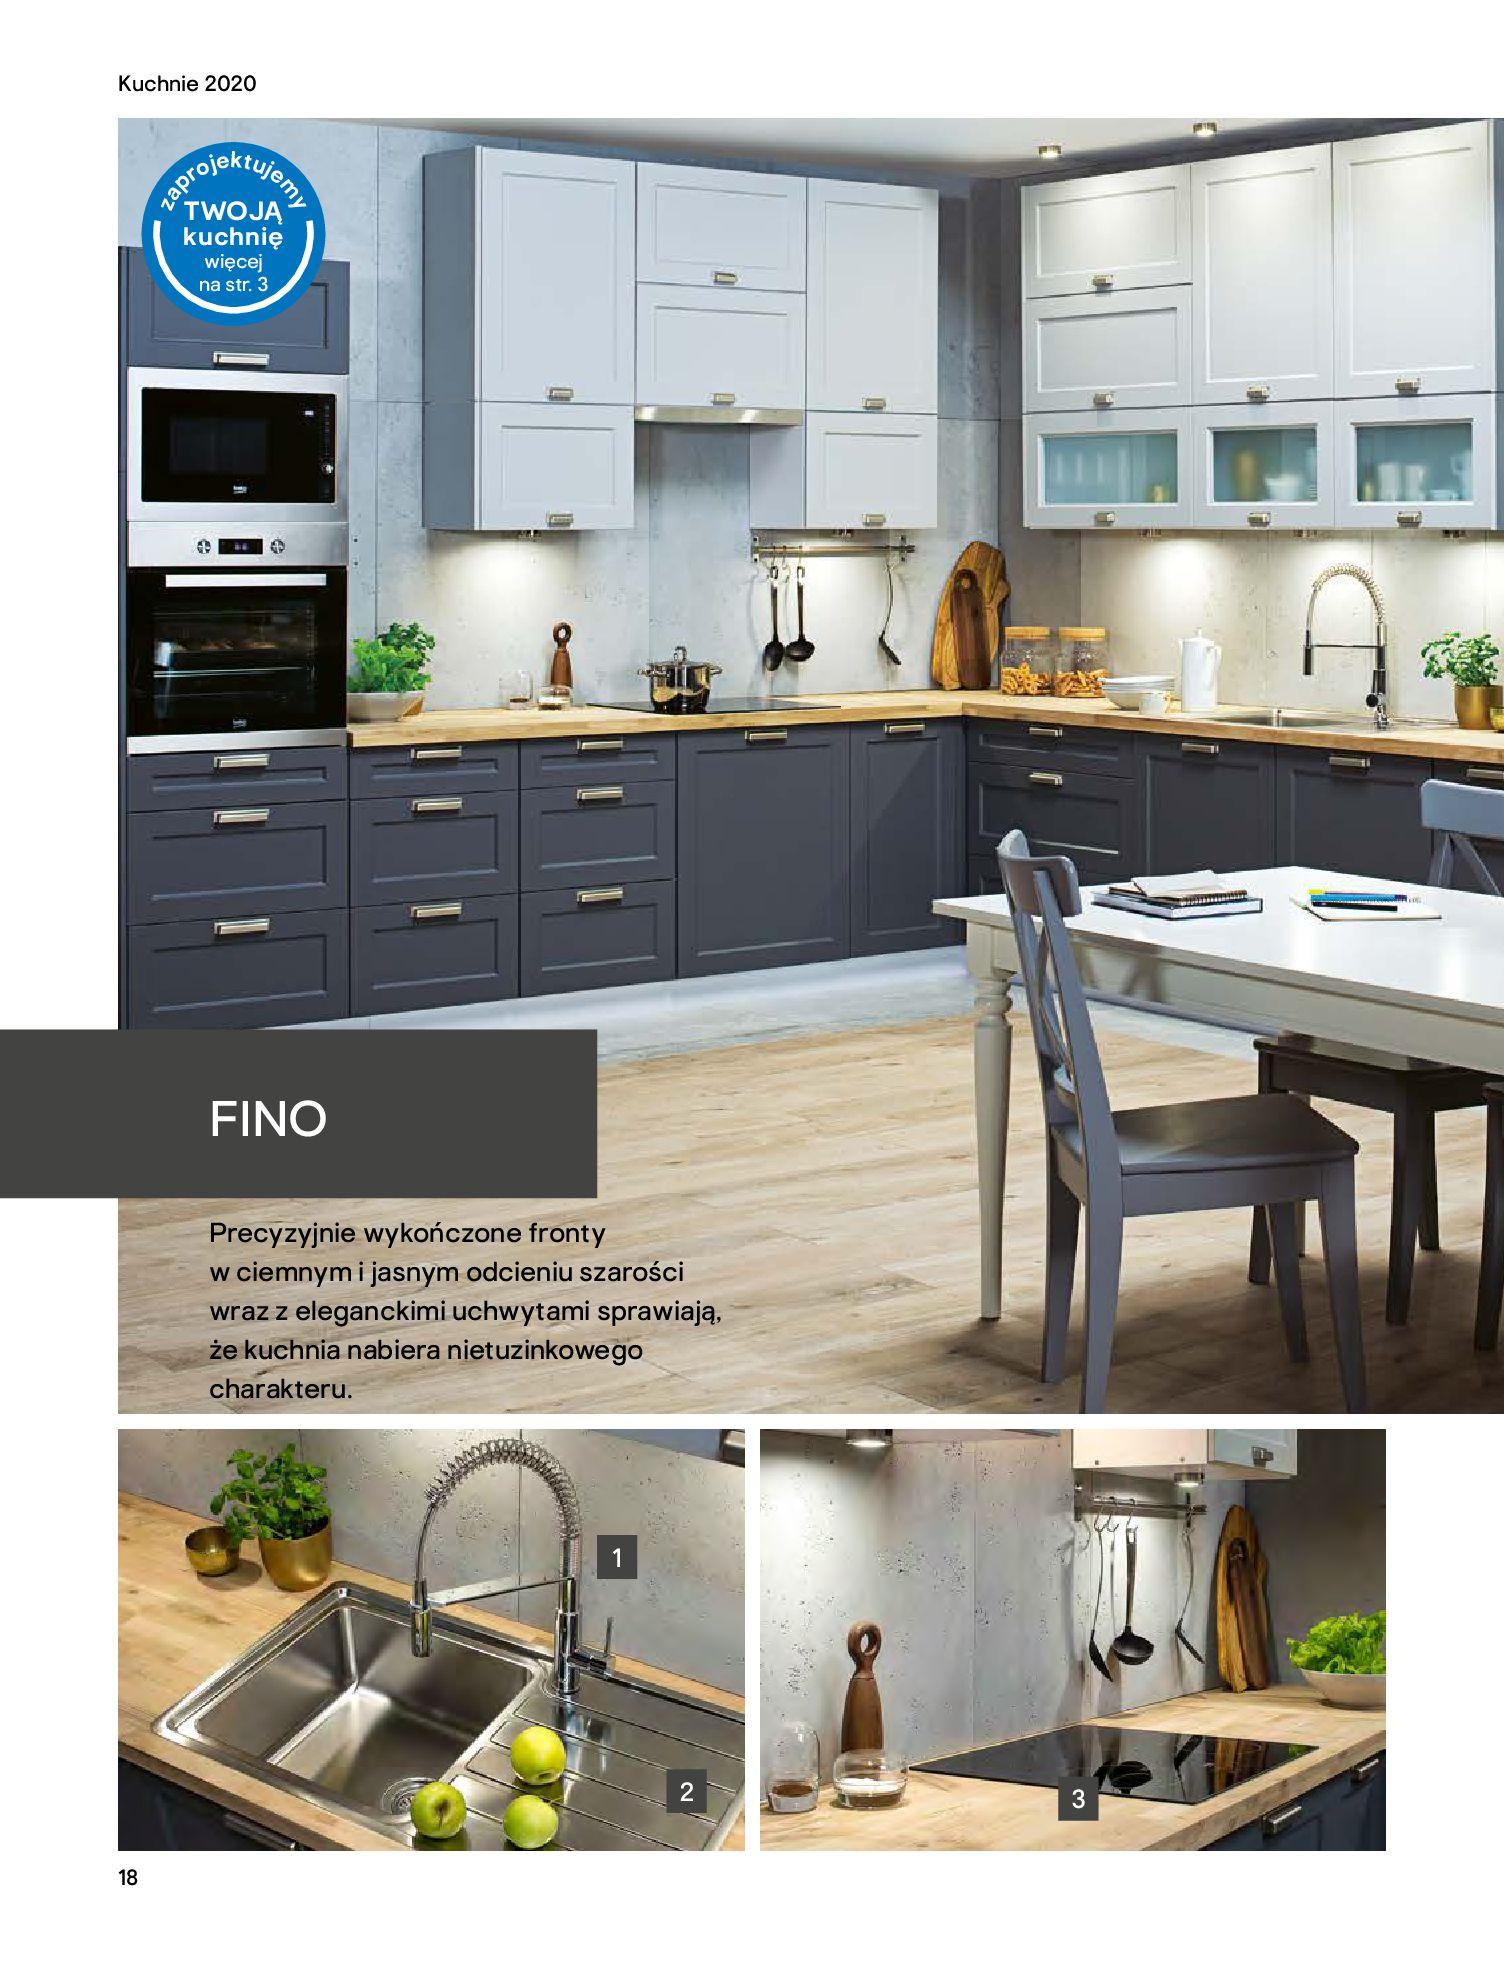 Gazetka Castorama - Katalog Kuchnie 2020-14.04.2020-31.12.2020-page-18